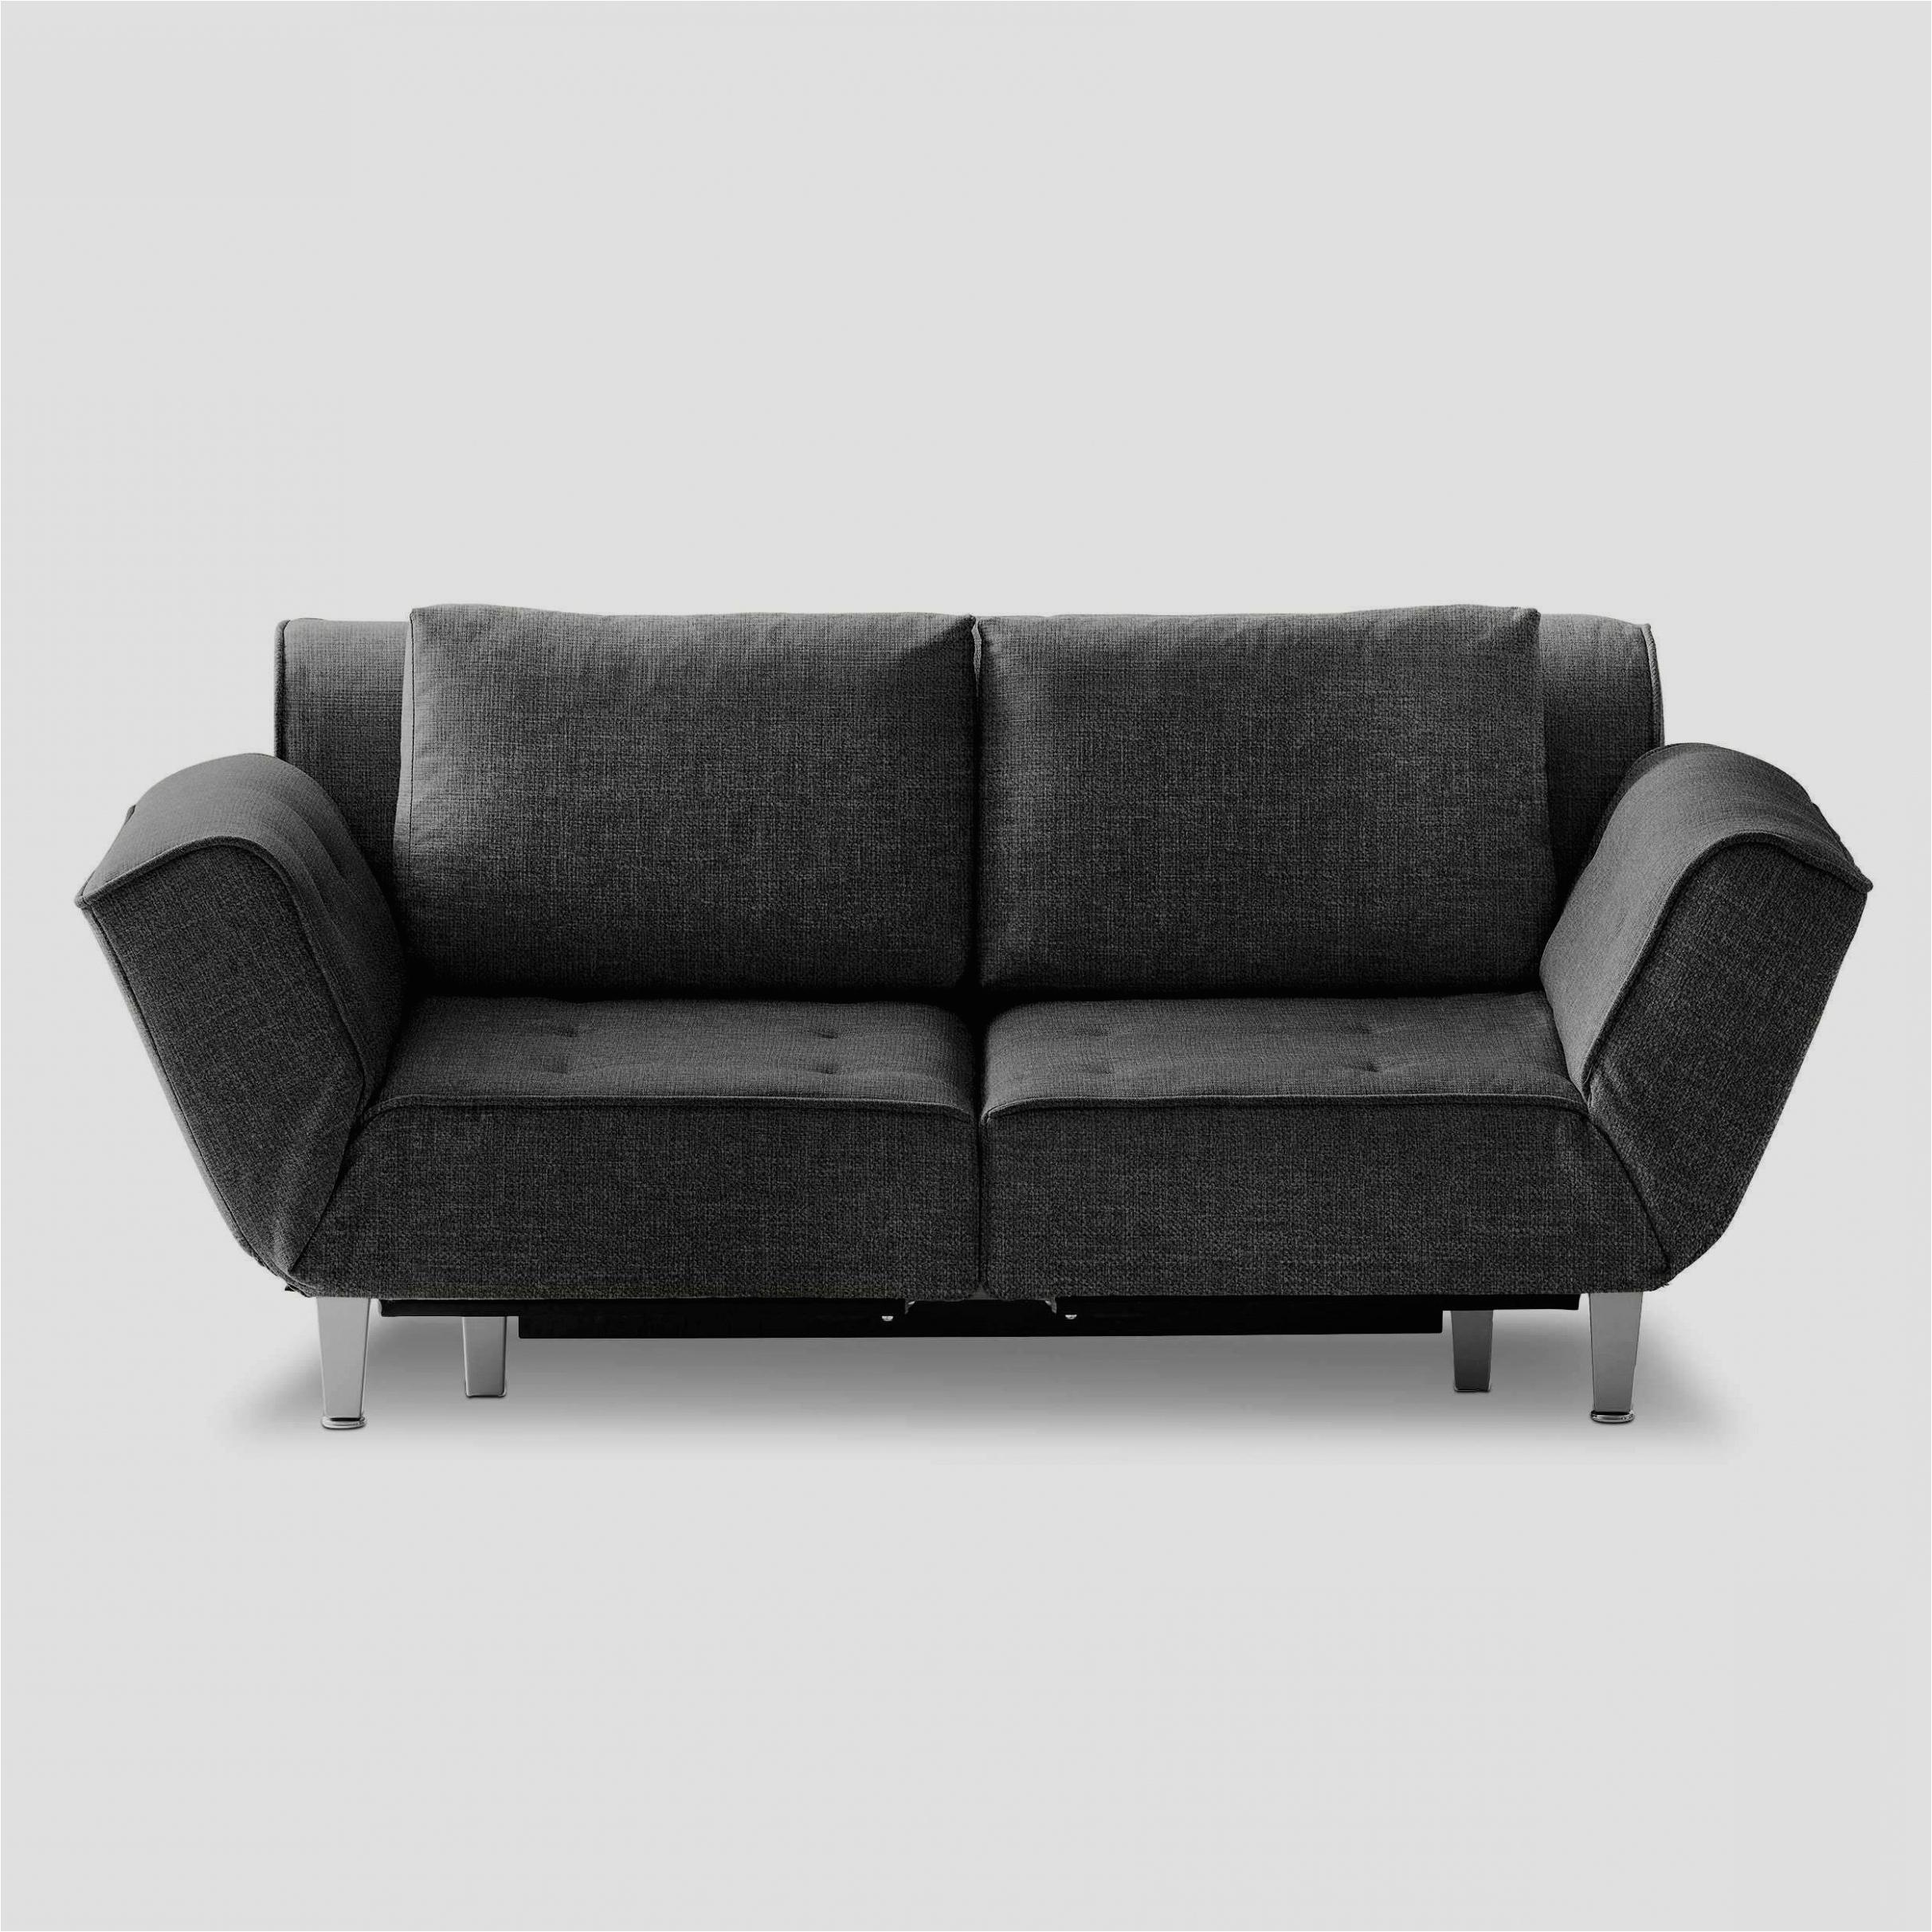 plural de sofa hermoso zweier sofa inspirierend sofa grau voxhzmo4 of fernsehsessel stoff